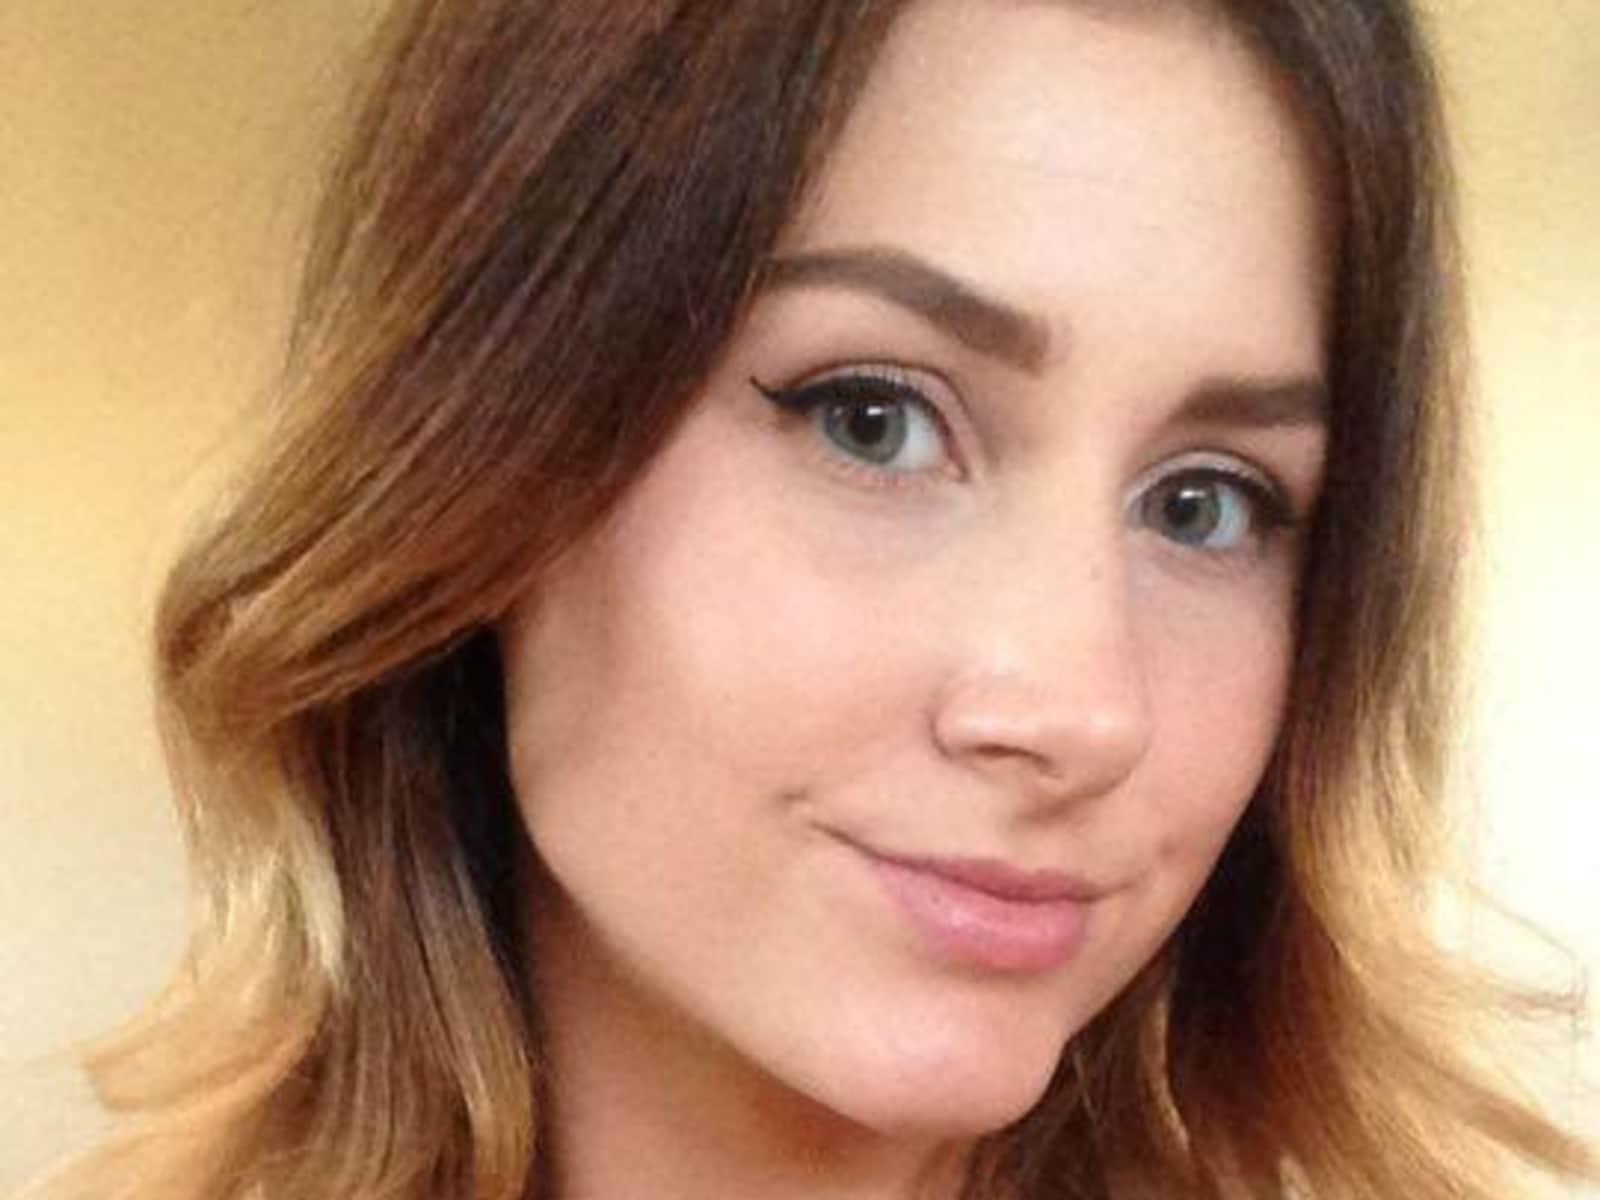 Nicole from Perth, Western Australia, Australia